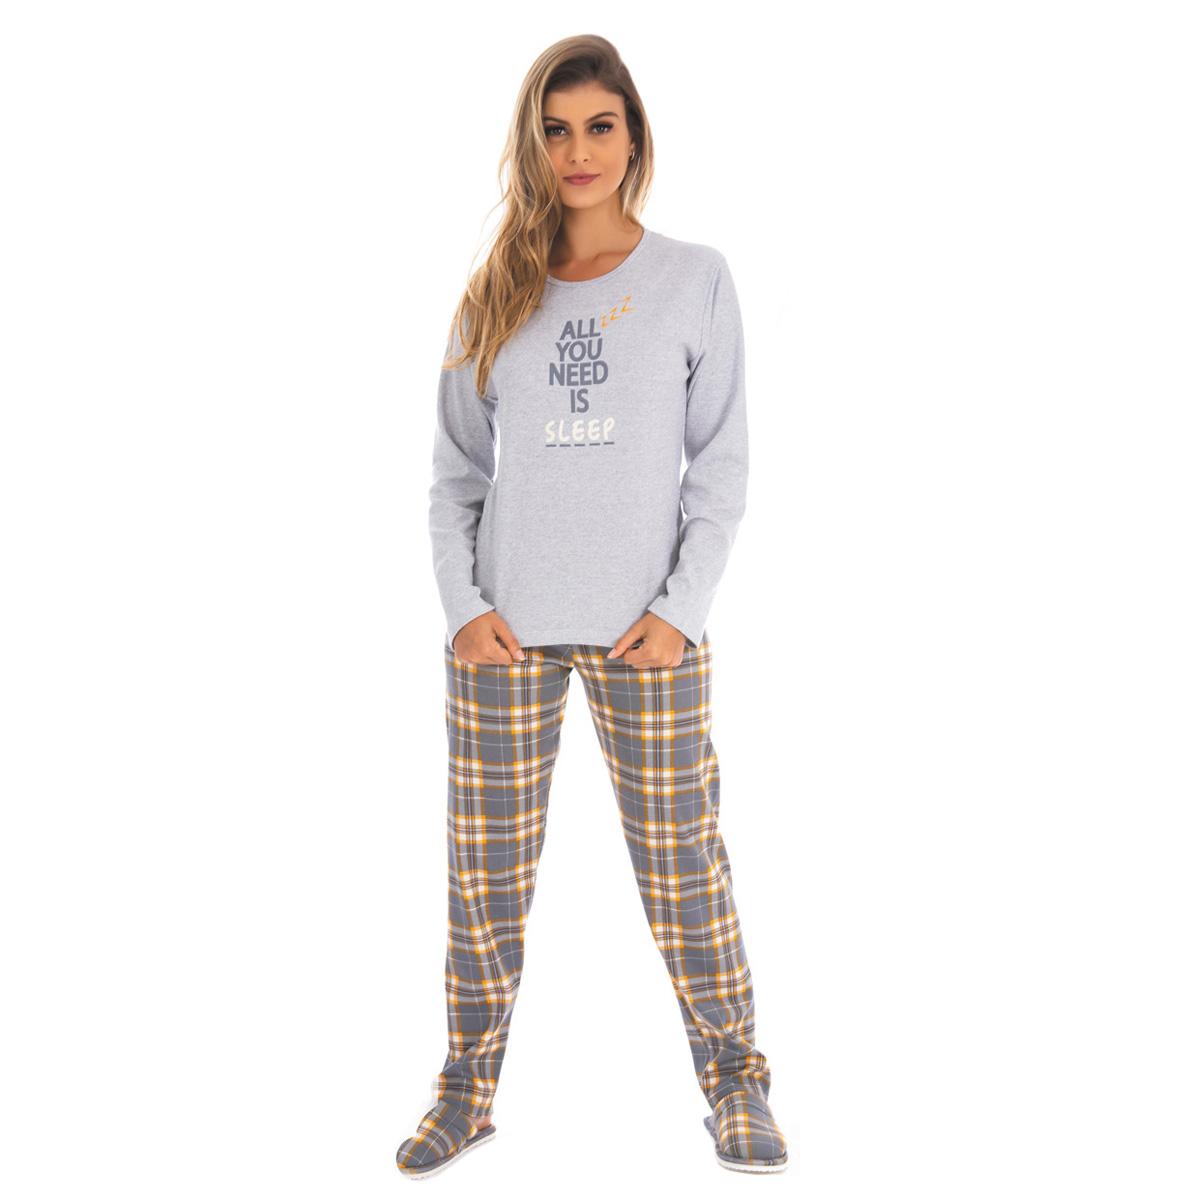 Pijama de inverno feminino Coleção Família Mãe Victory